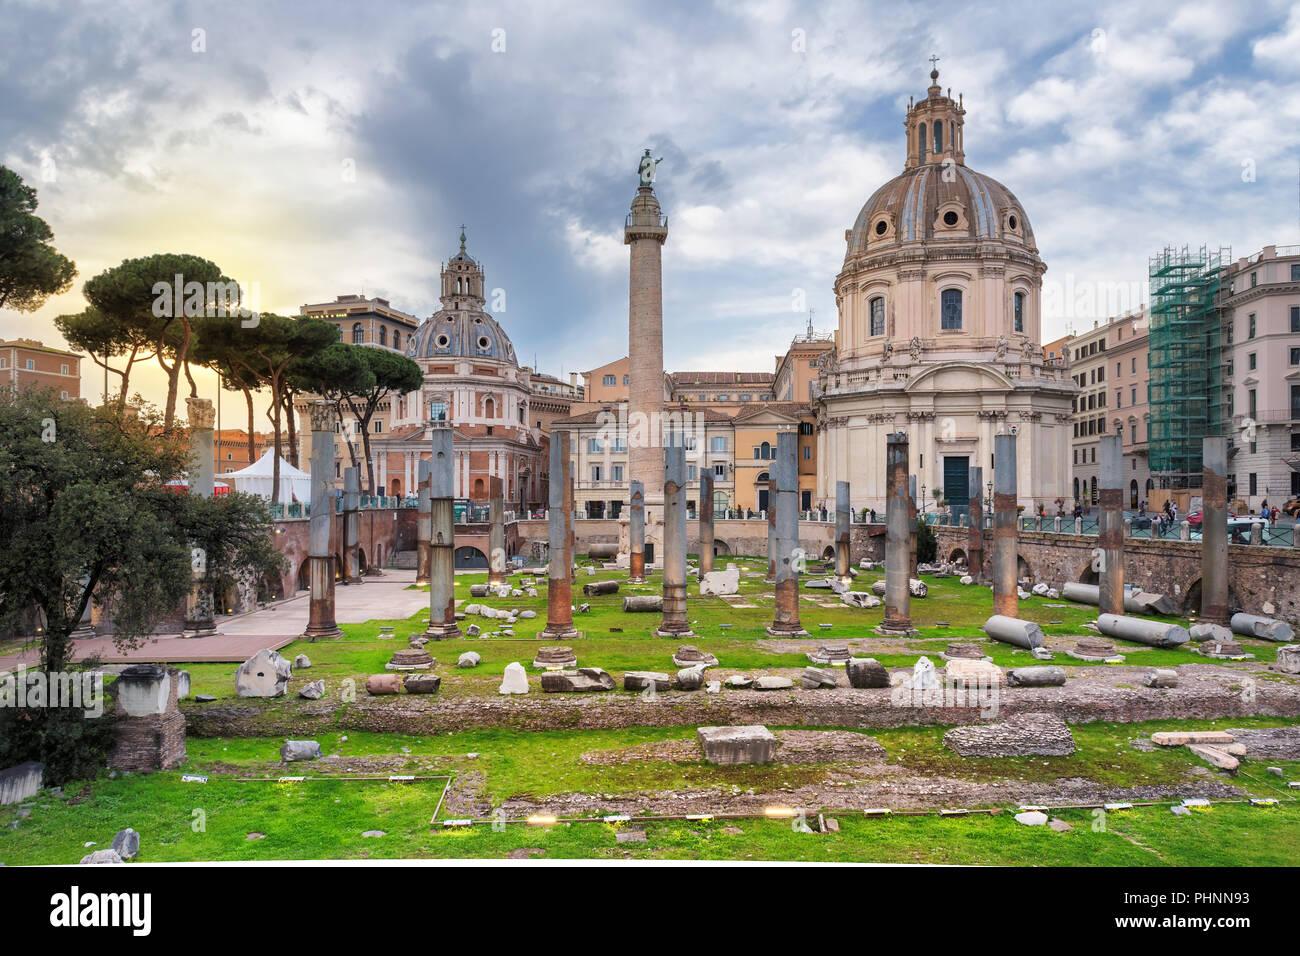 Coucher du soleil Vue de Rome, Italie. Le Forum de Trajan et la Basilique Ulpia, à Rome, Italie. Photo Stock